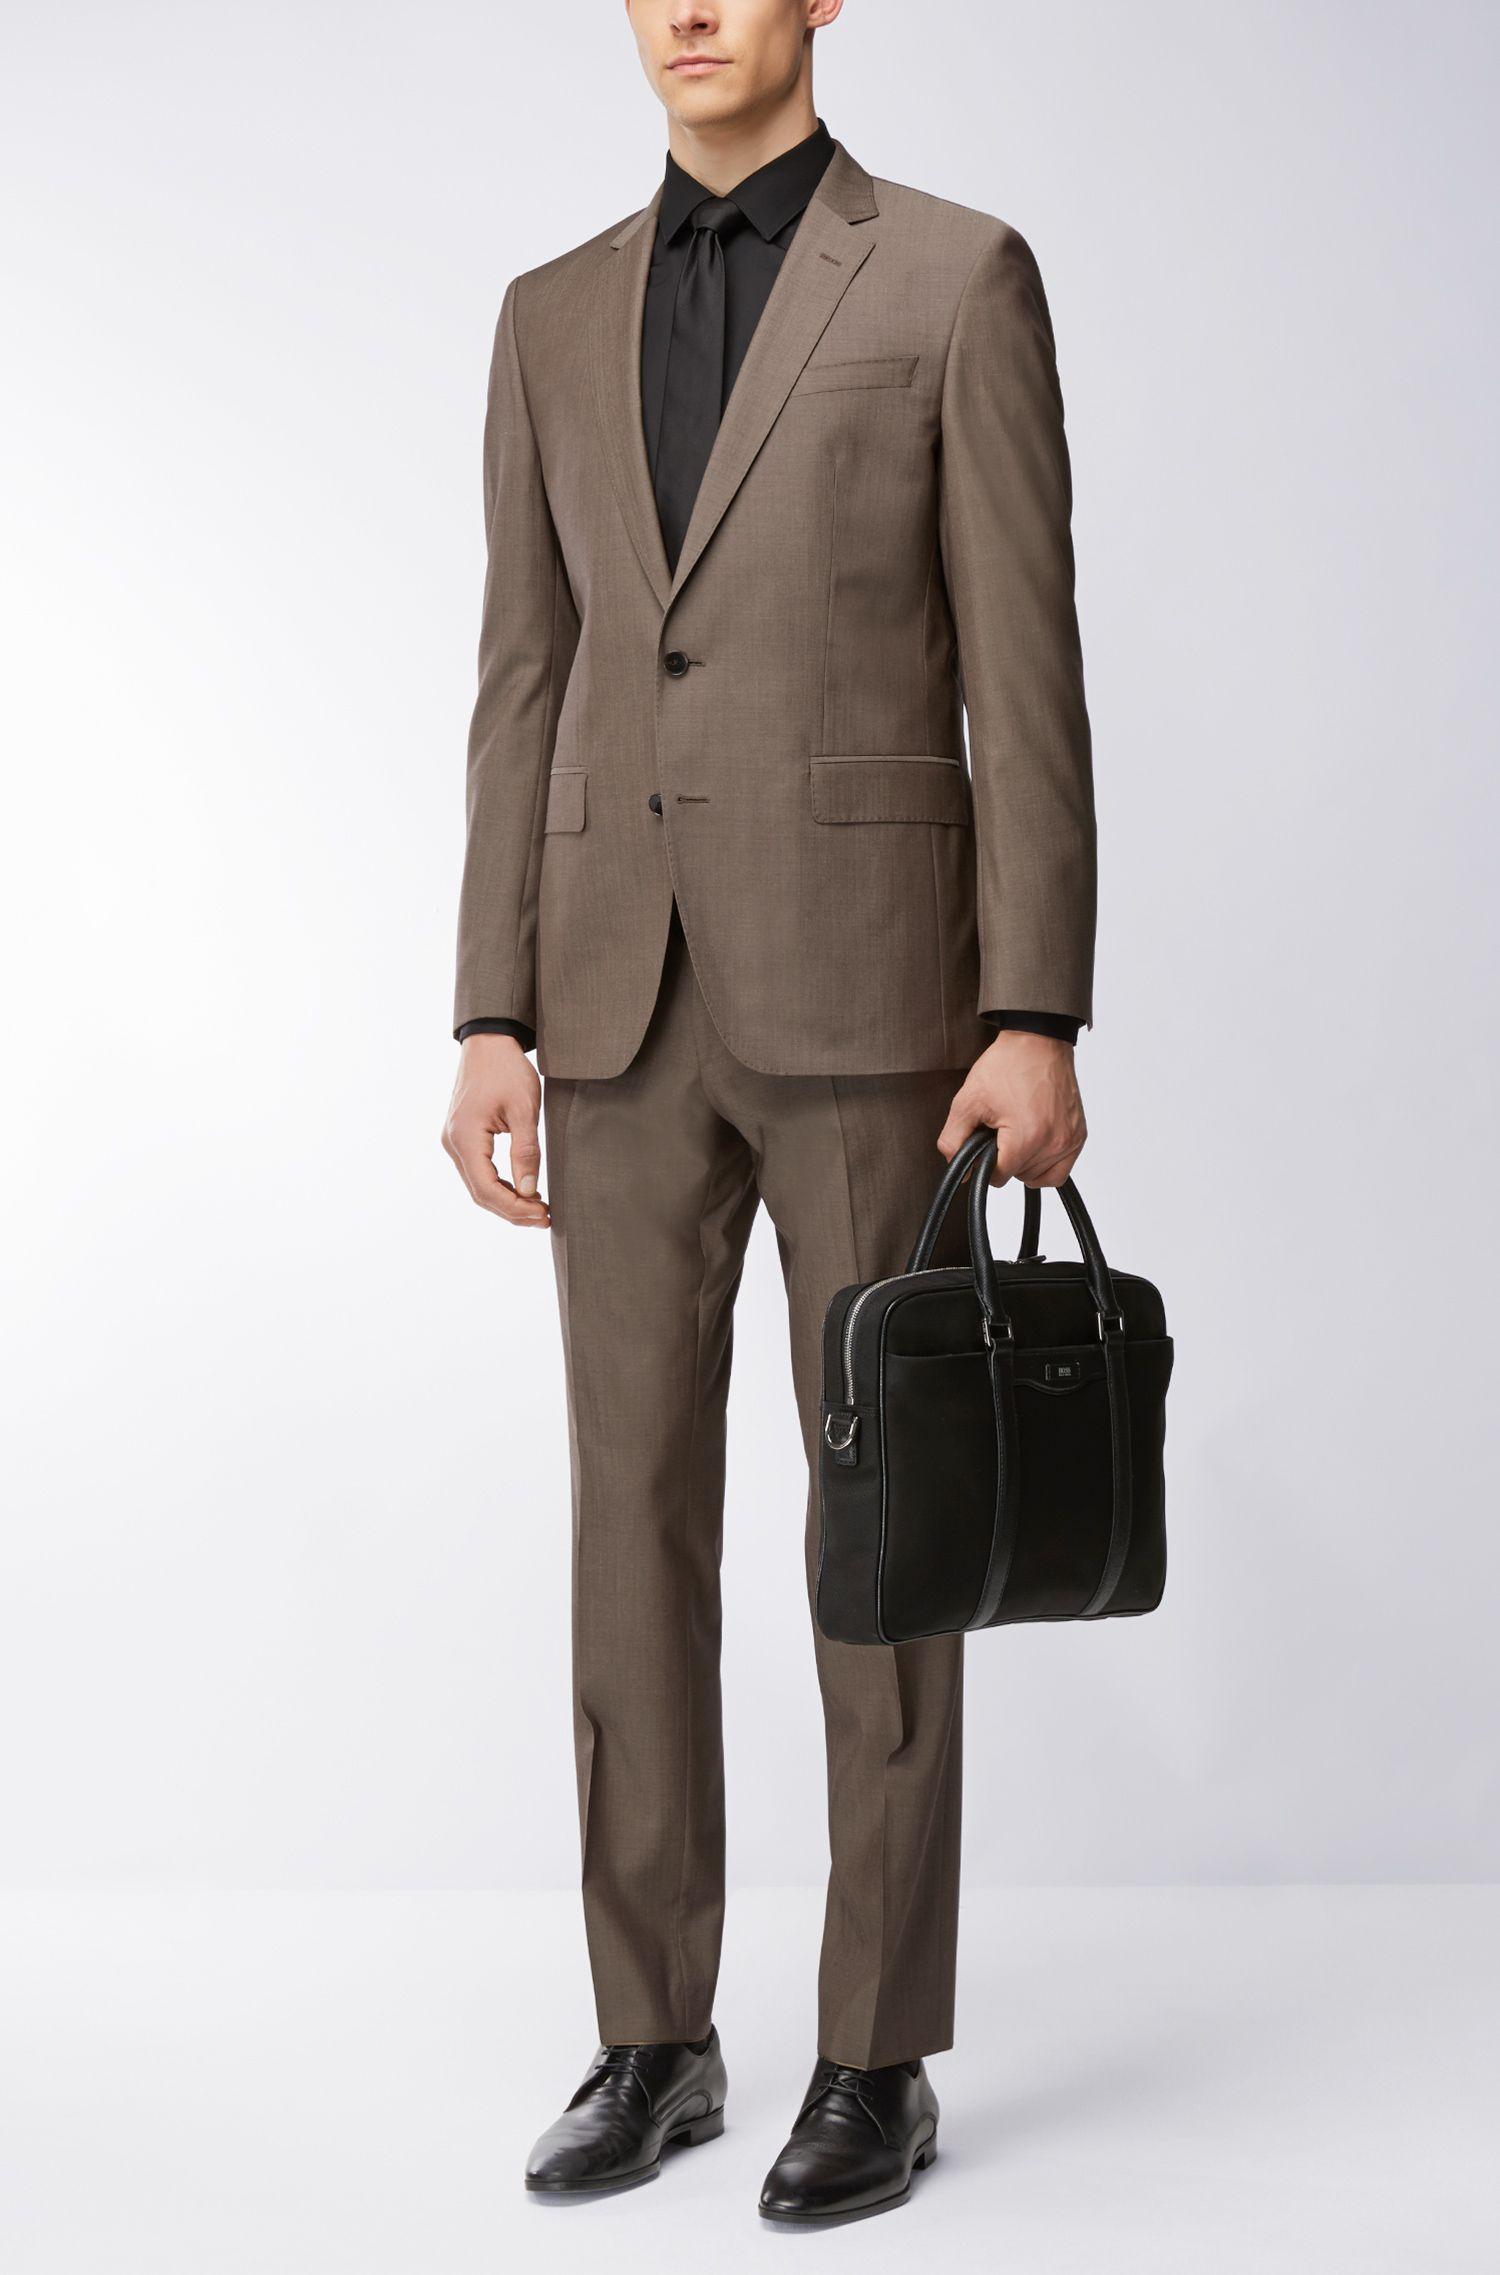 Italian Virgin Wool Suit, Slim Fit   Huge/Genius